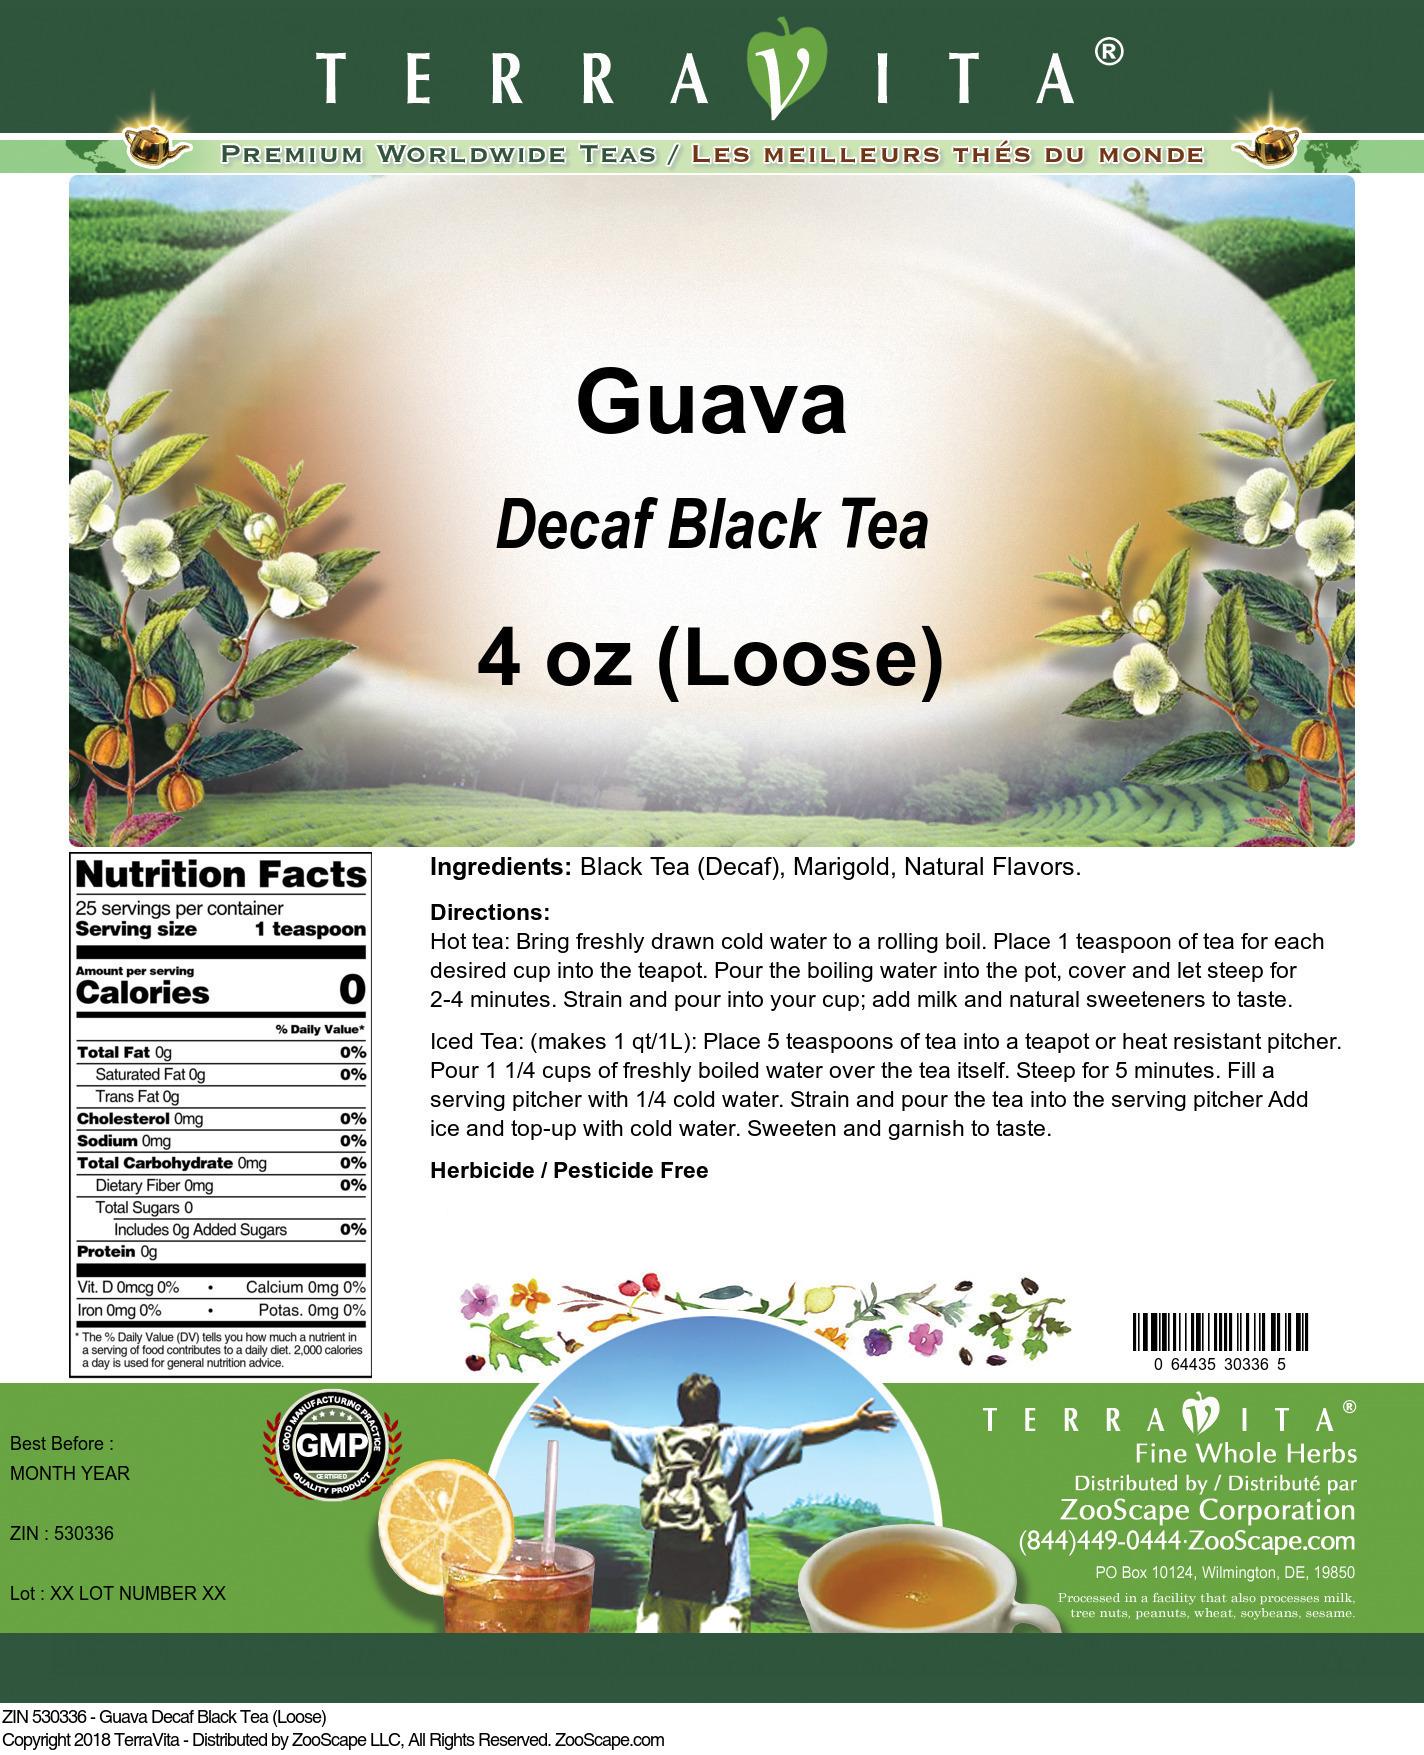 Guava Decaf Black Tea (Loose)